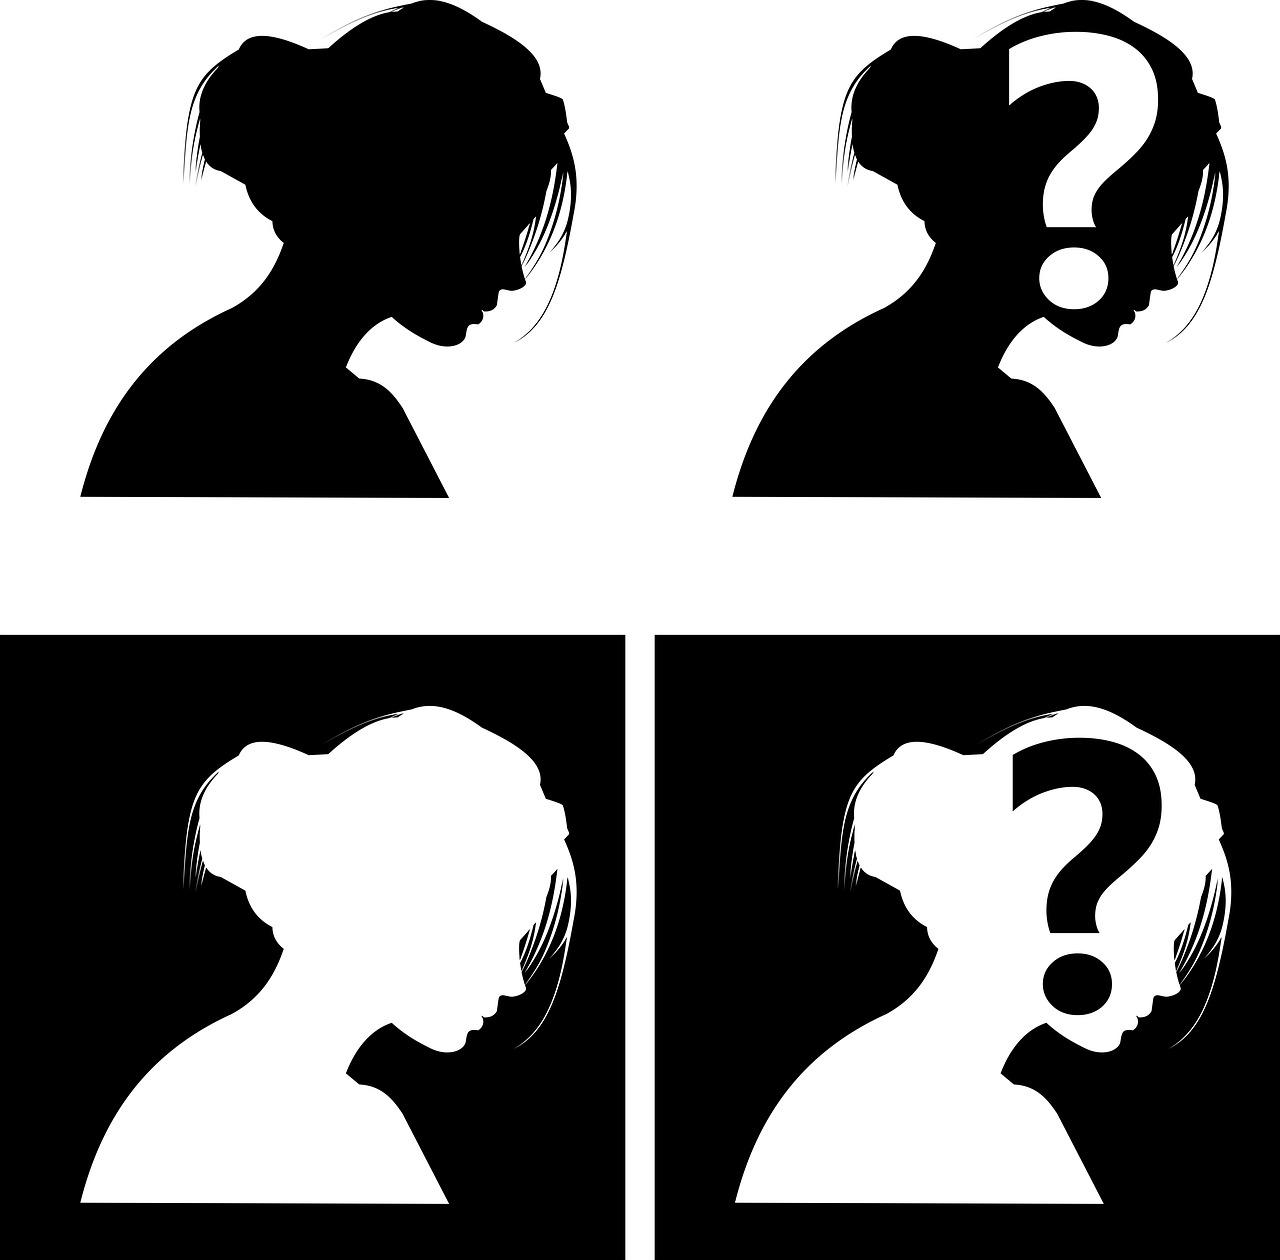 ಹುಡುಗಿಯ ಮನಸ್ಸಿನ ಮಾತನ್ನು ತಿಳಿಯುವುದು ಹೇಗೆ? How to Read Girl's Mind by her Body language? in Kannada